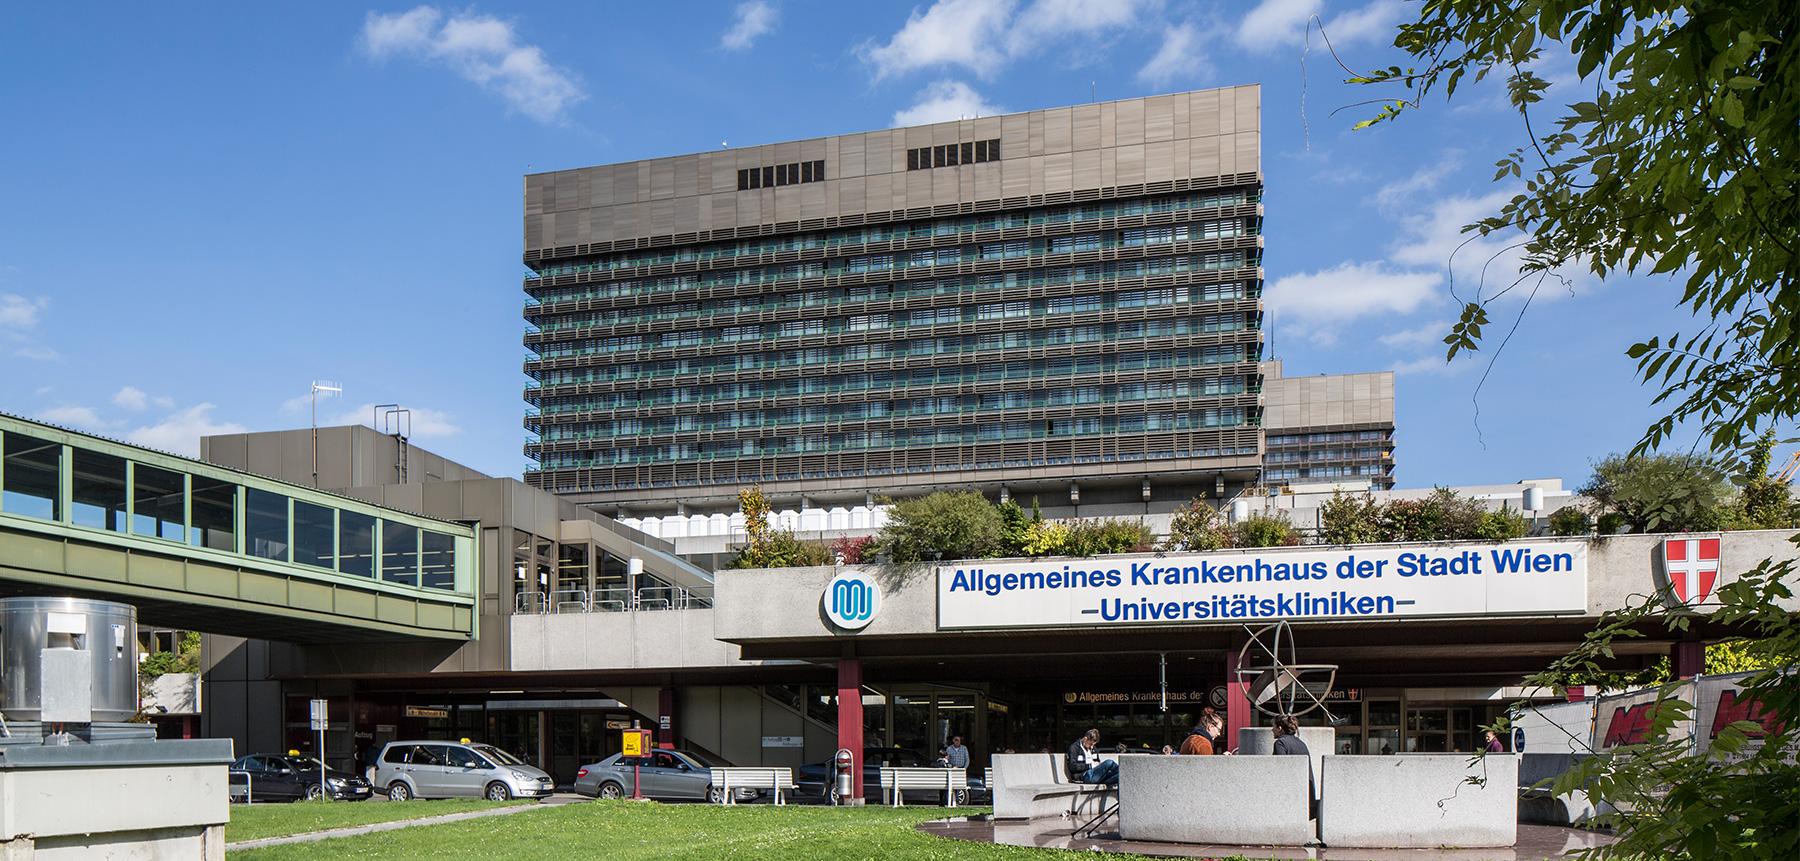 Krankenhäuser In Wien